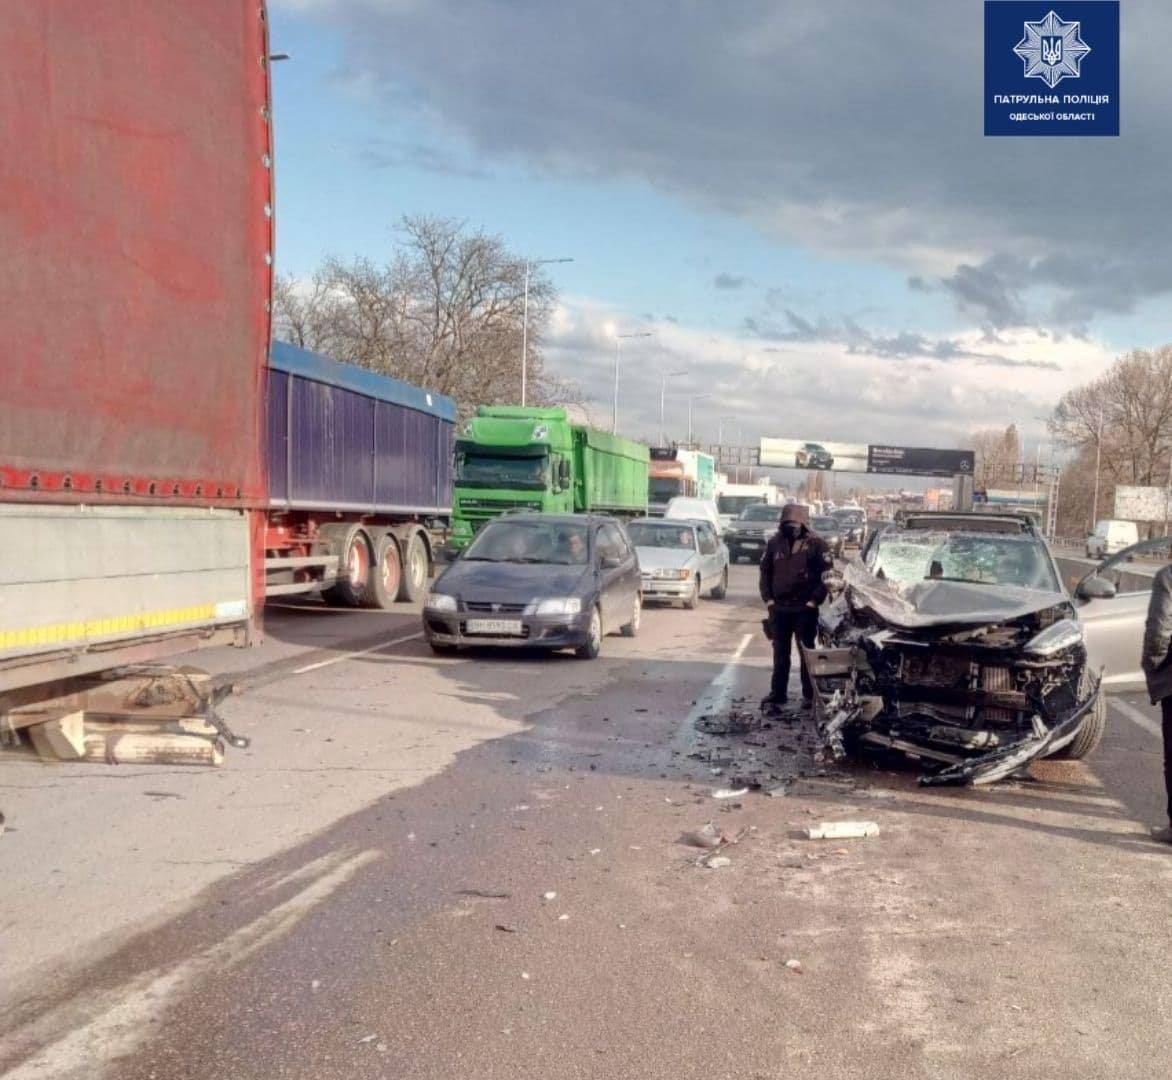 ДТП на трассе Киев-Одесса: легковушка врезалась в грузовик, есть пострадавшие, - ФОТО, фото-2